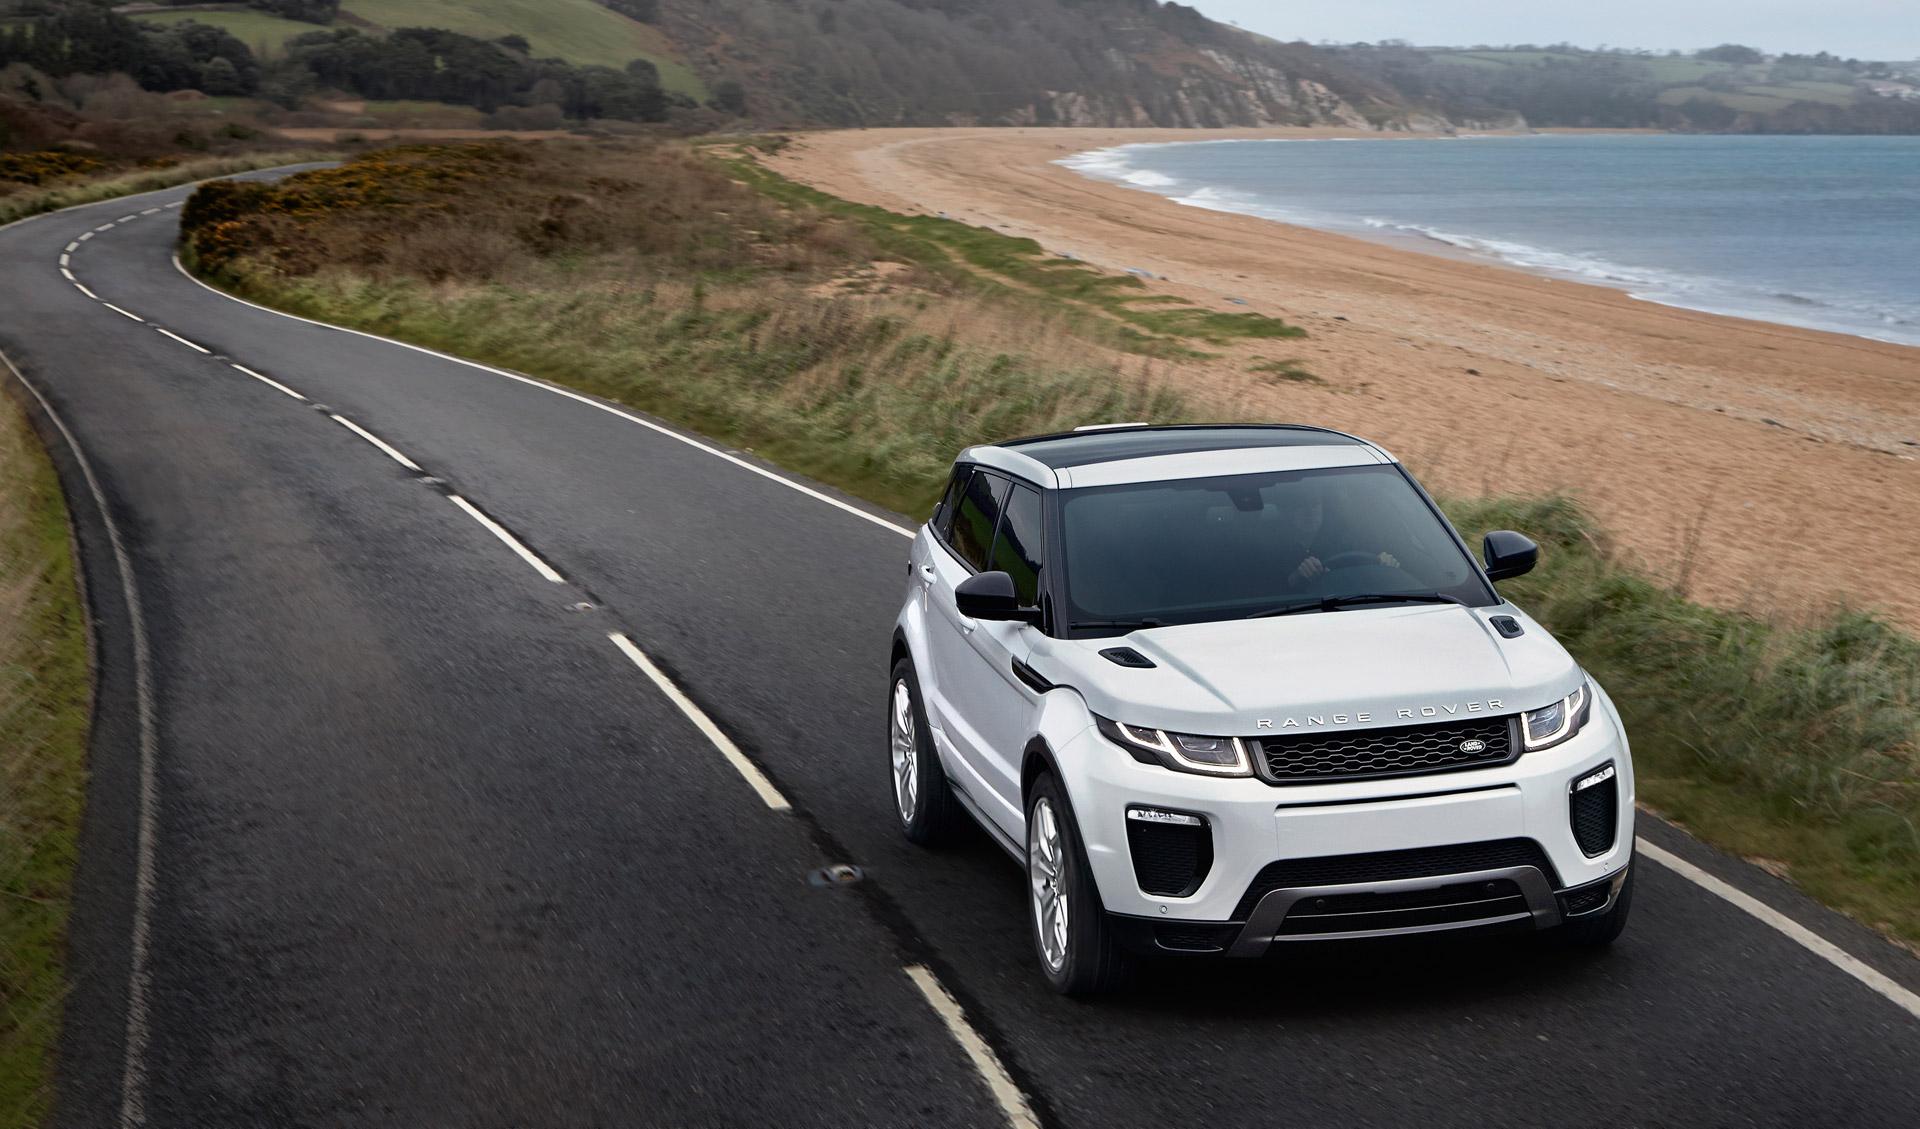 [DVZP_7254]   VN_7736] Range Rover Headlight Wiring Diagram Wiring Diagram | Wiring Diagram Range Rover Evoque |  | Garna Inki Kicep Mohammedshrine Librar Wiring 101